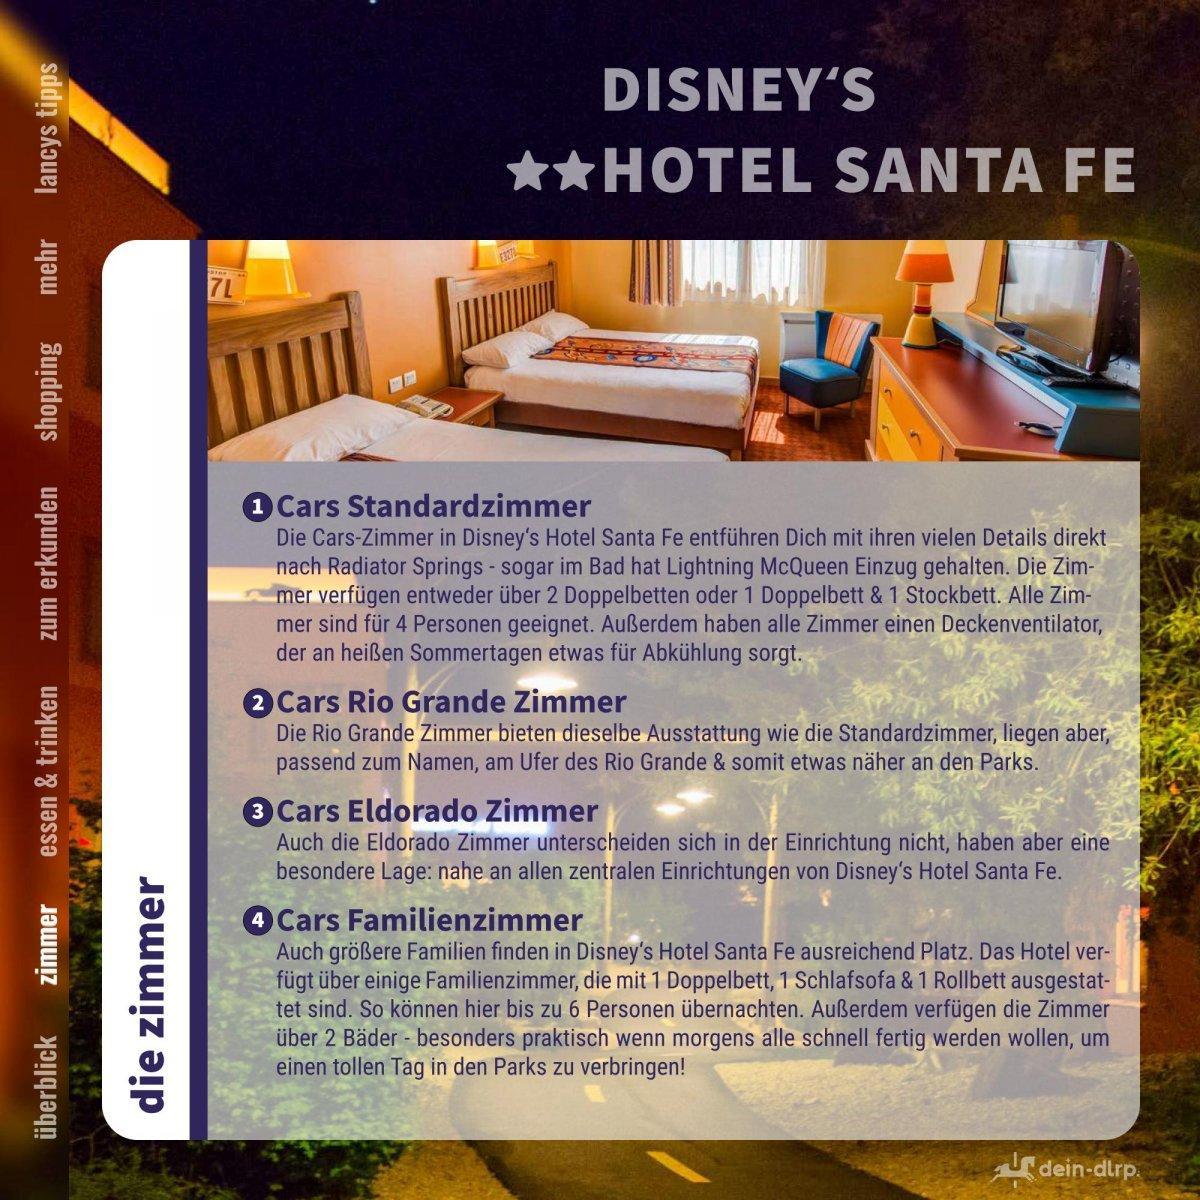 disneys-hotel-santa-fe-hotel-fuehrer_03.jpg